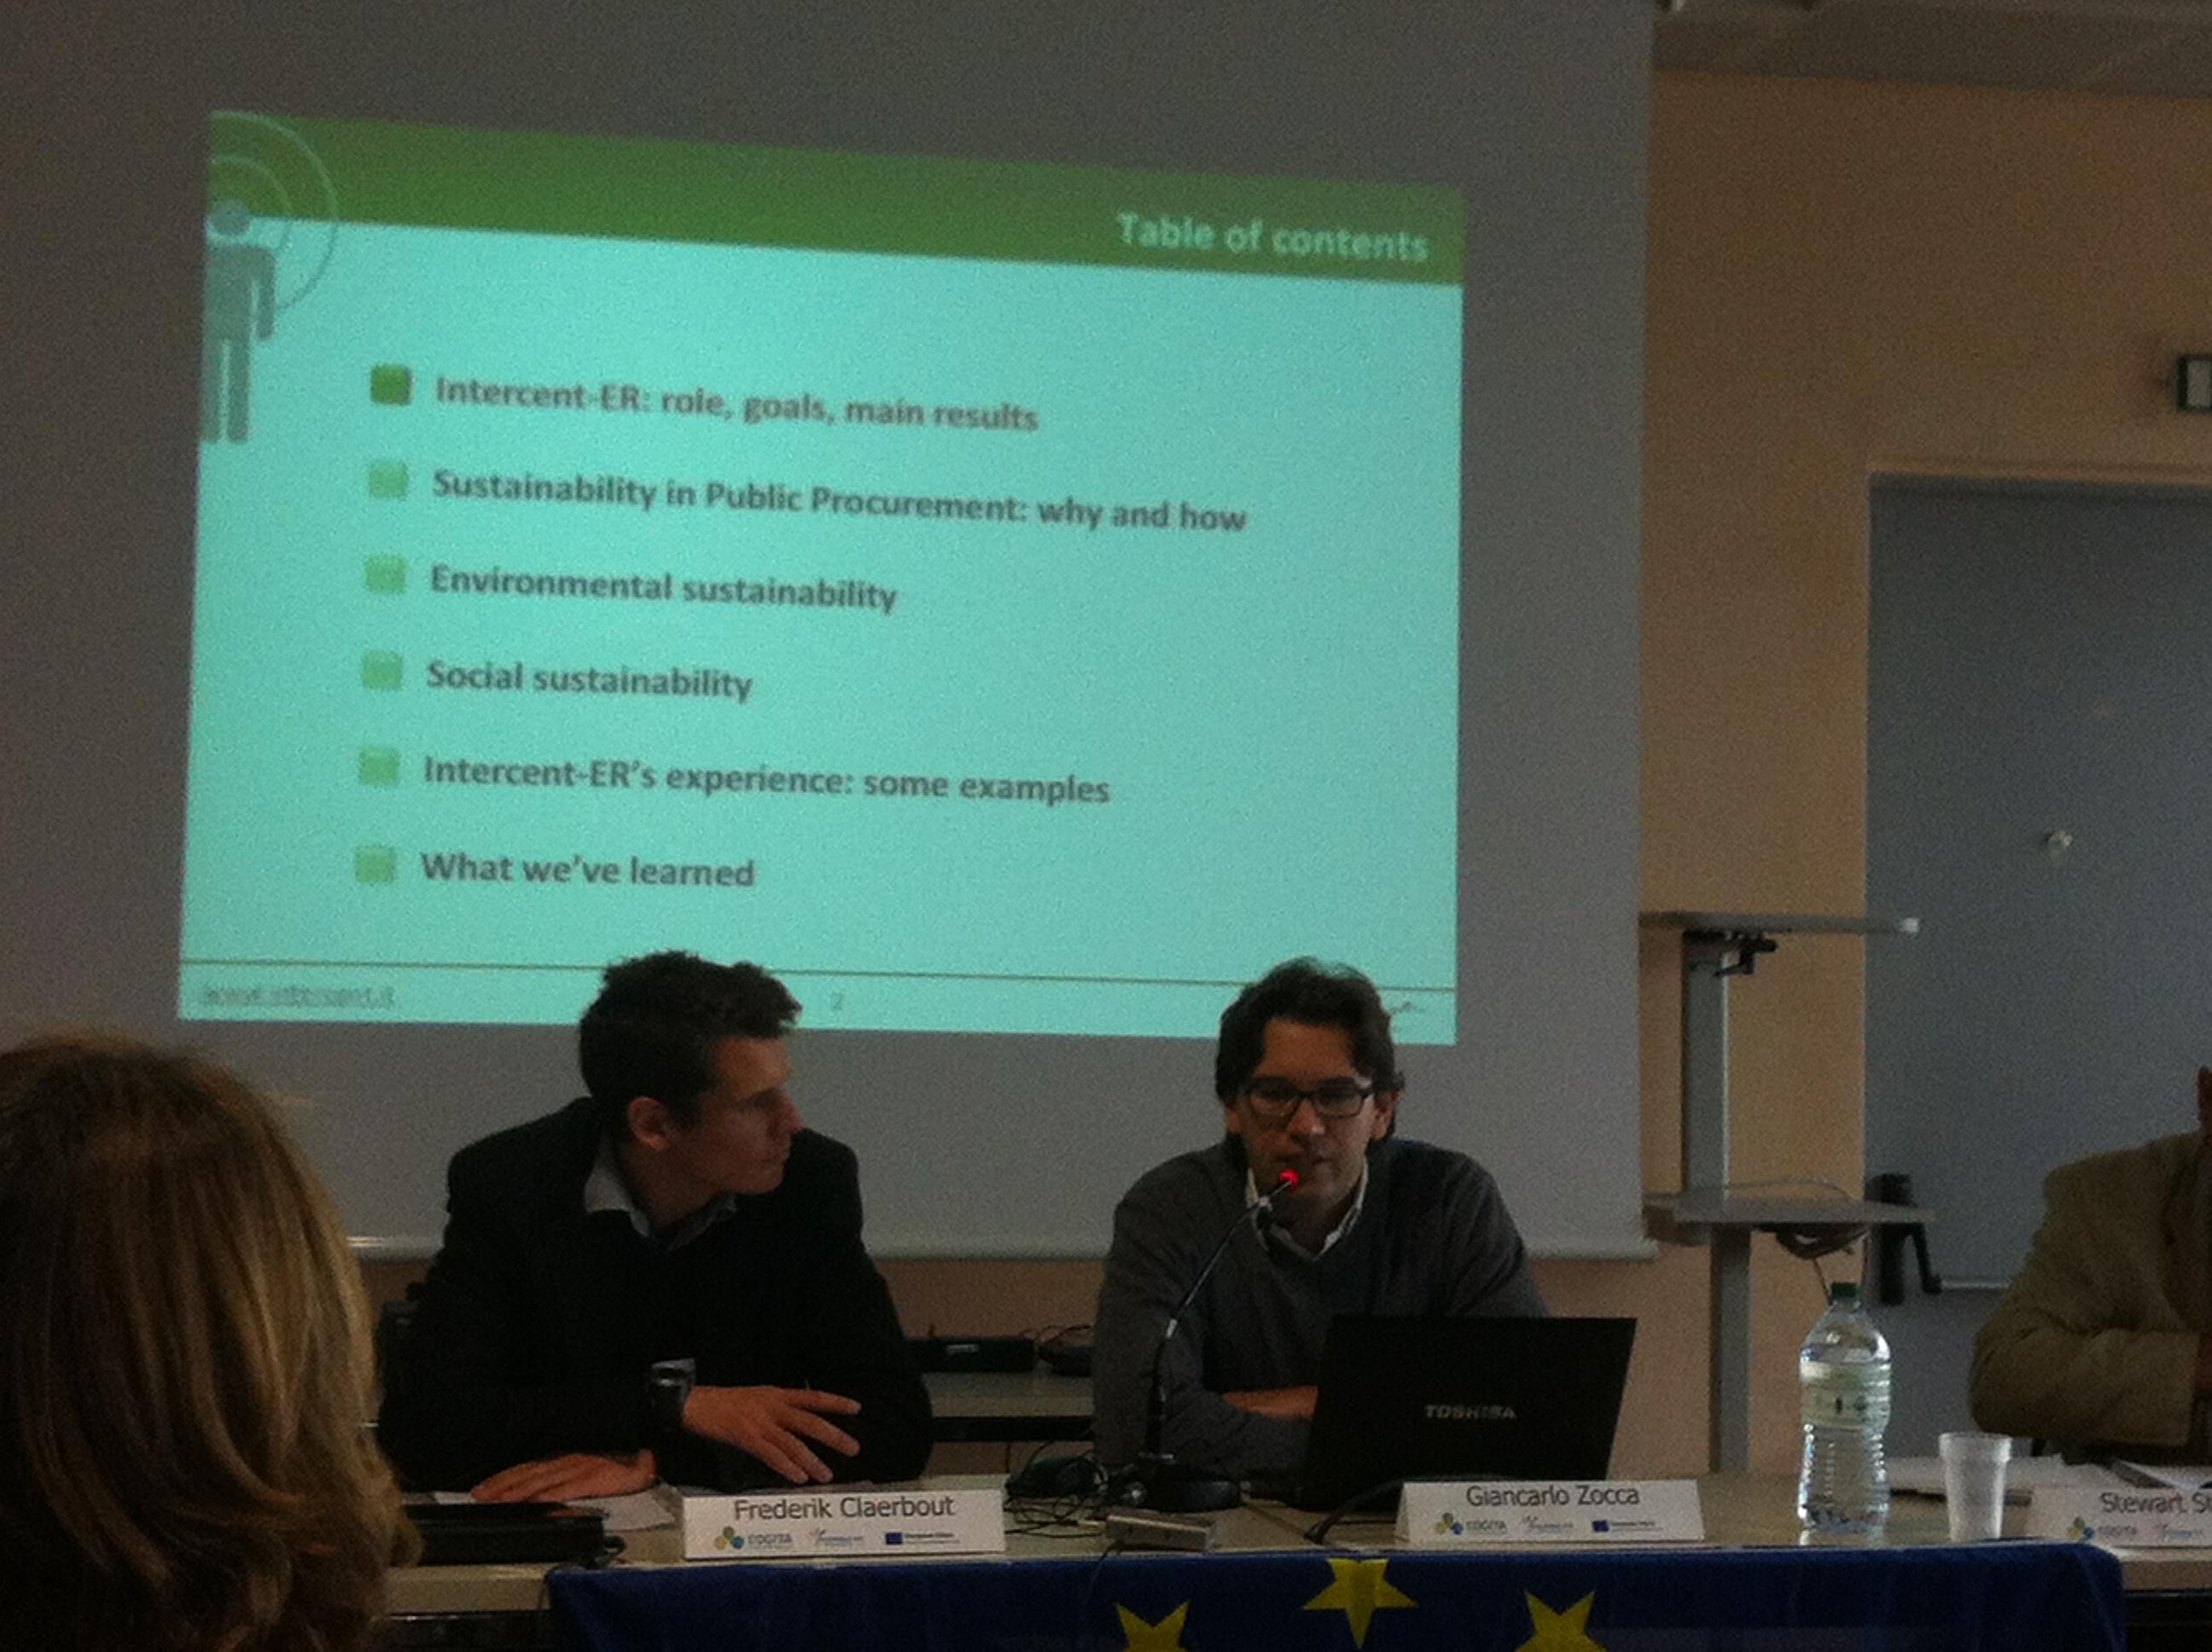 Giancarlo Zozza, IntercentER - Emilia Romanya, Agència de Contractació Pública i mercats electrònics